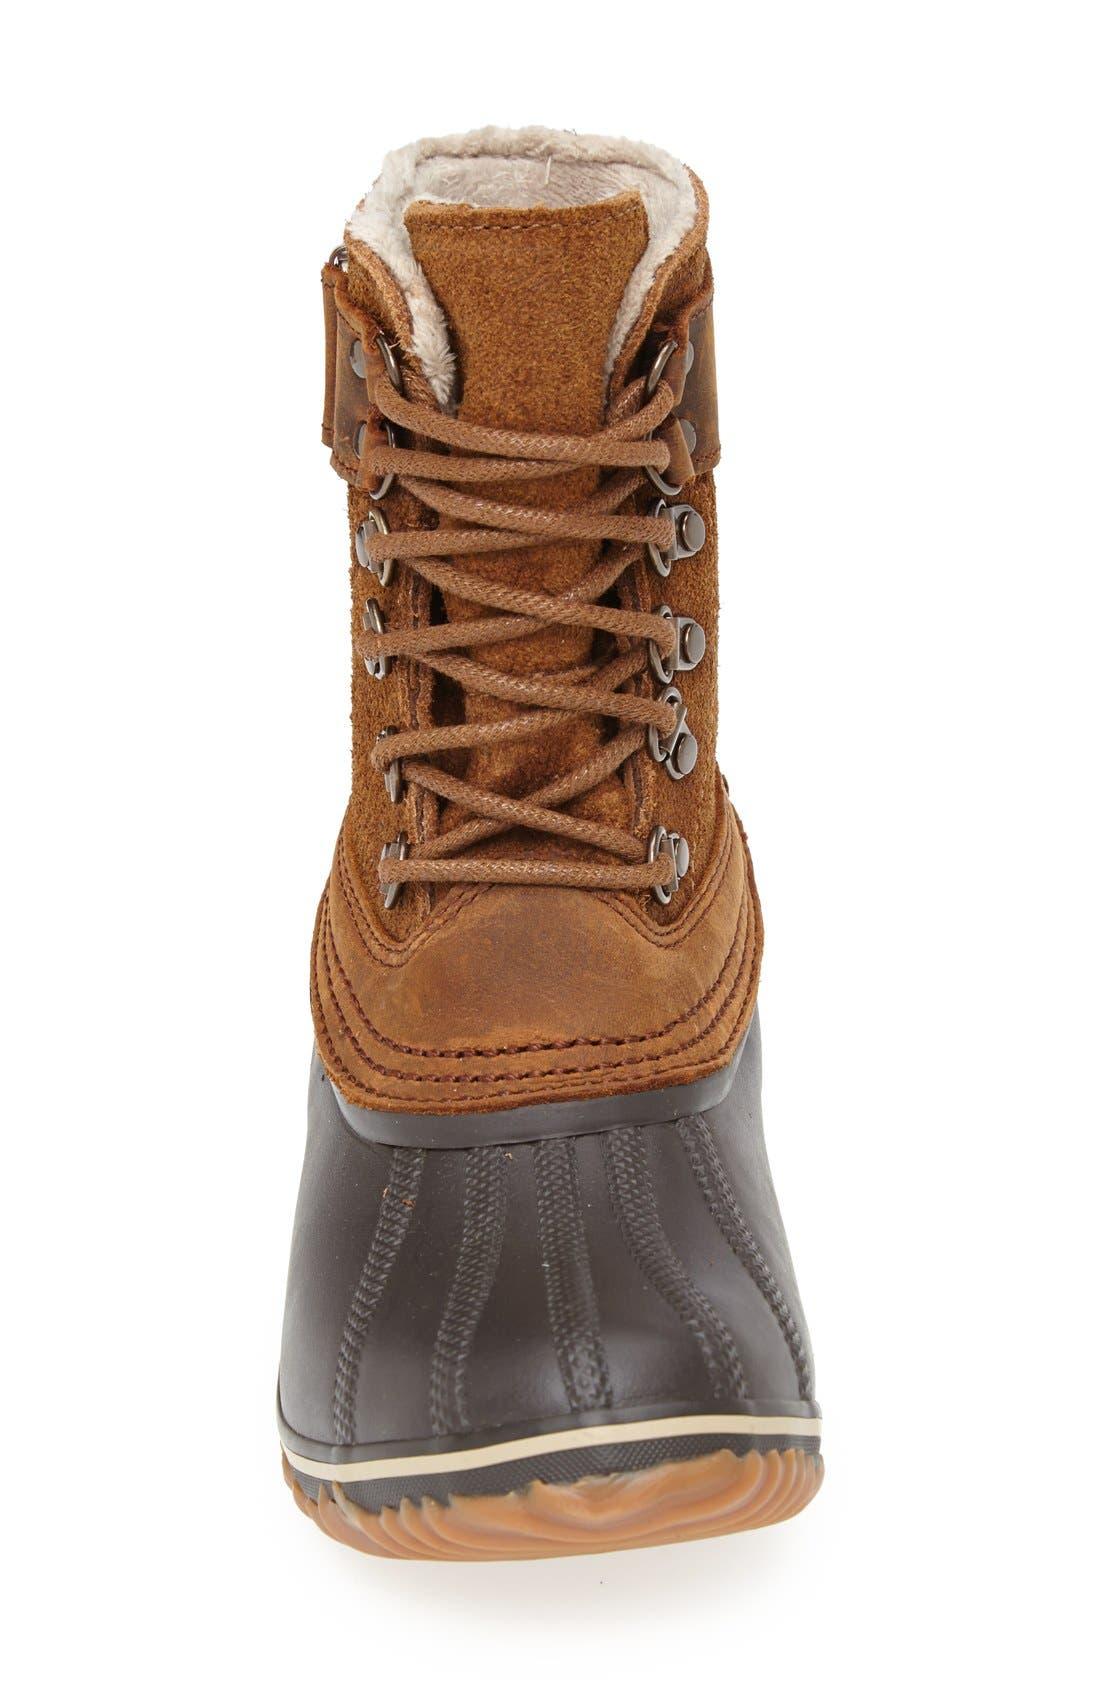 Alternate Image 3  - SOREL 'Winter Fancy II' Waterproof Lace-Up Boot (Women)